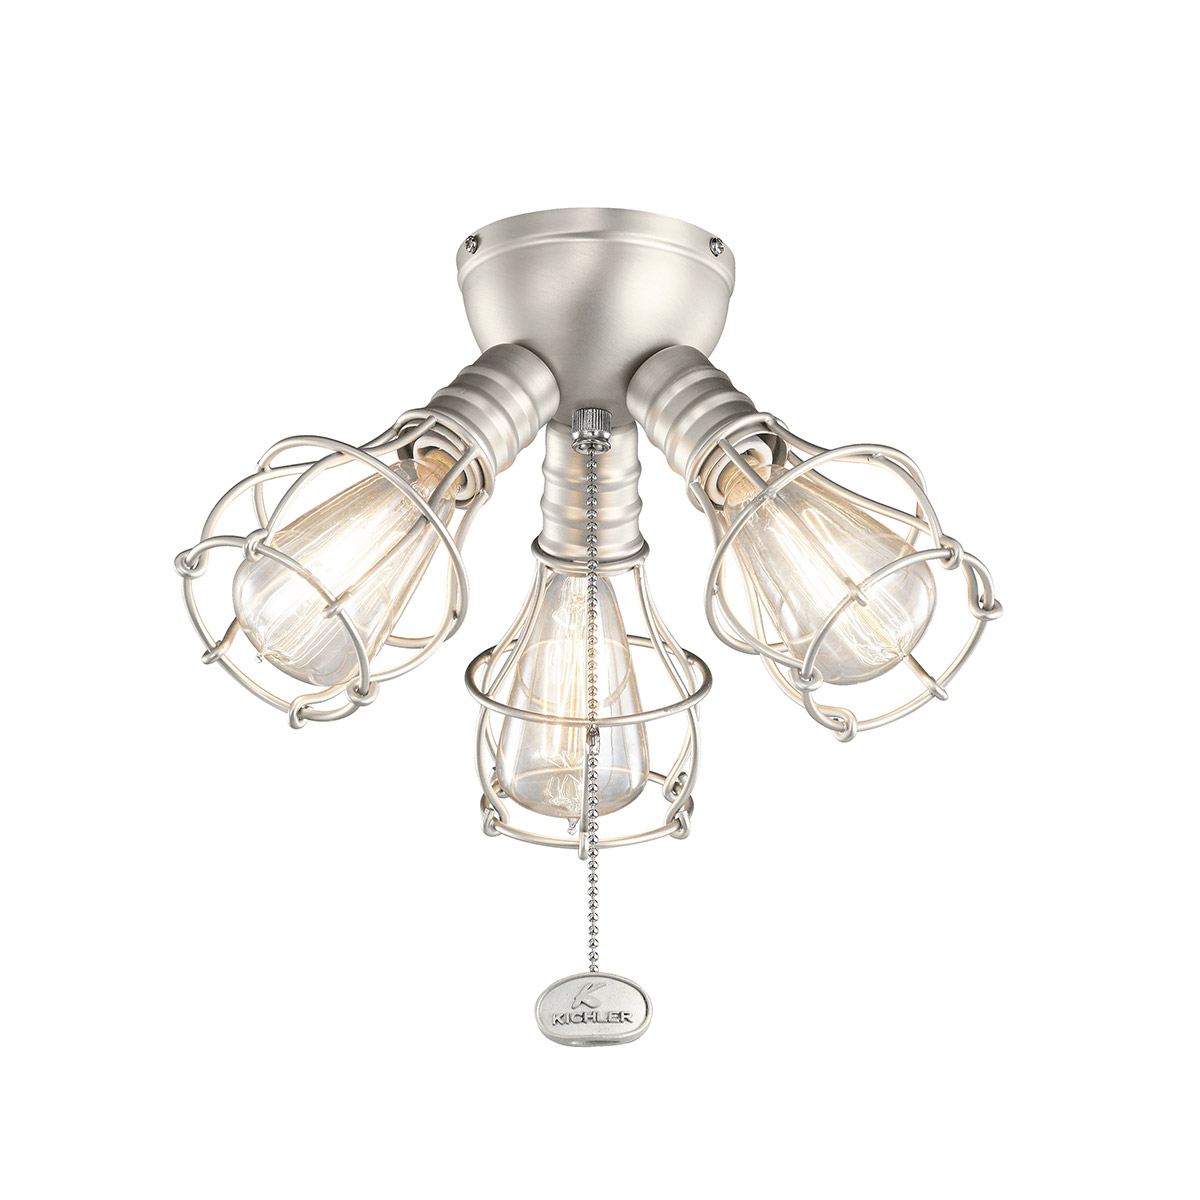 Kichler 3-Light Industrial Fan Light Kit In Brushed Nickel